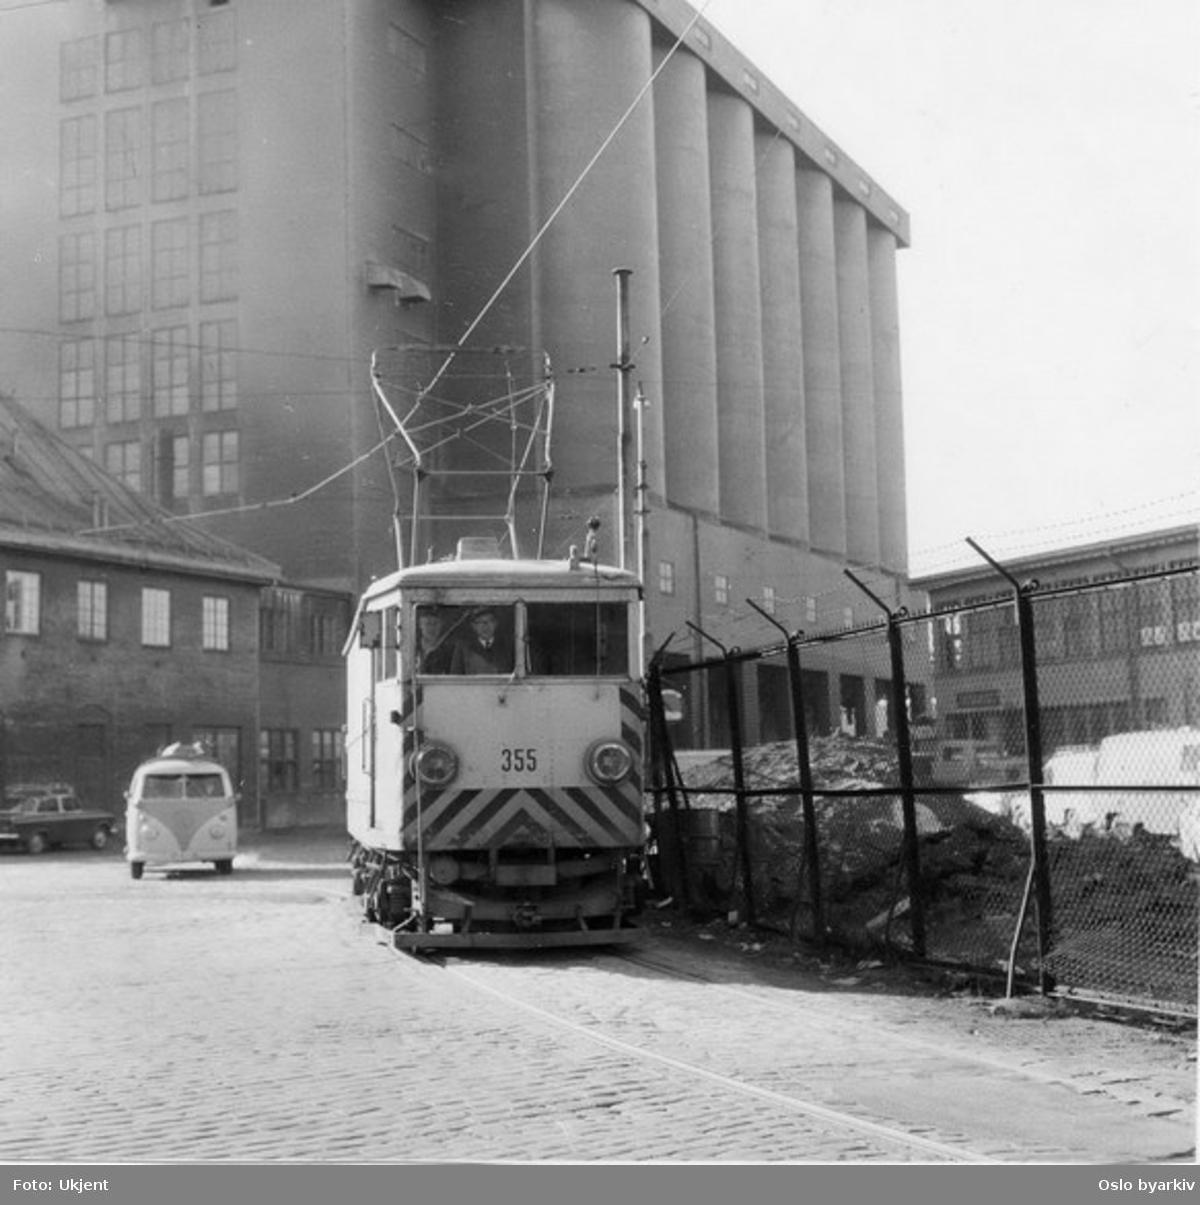 """Oslo Sporveier. Trikk spesialbygd godsmotorvogn type K nr. 355, """"korntrikken"""" på vei mellom den nye siloen og vendesløyfa. Sporet inn til den gamle siloen tok av under vogna og buet av mot venstre (kontaktledningen). Oslo Sporveiers """"radiobil"""" av type VW i bakgrunnen."""